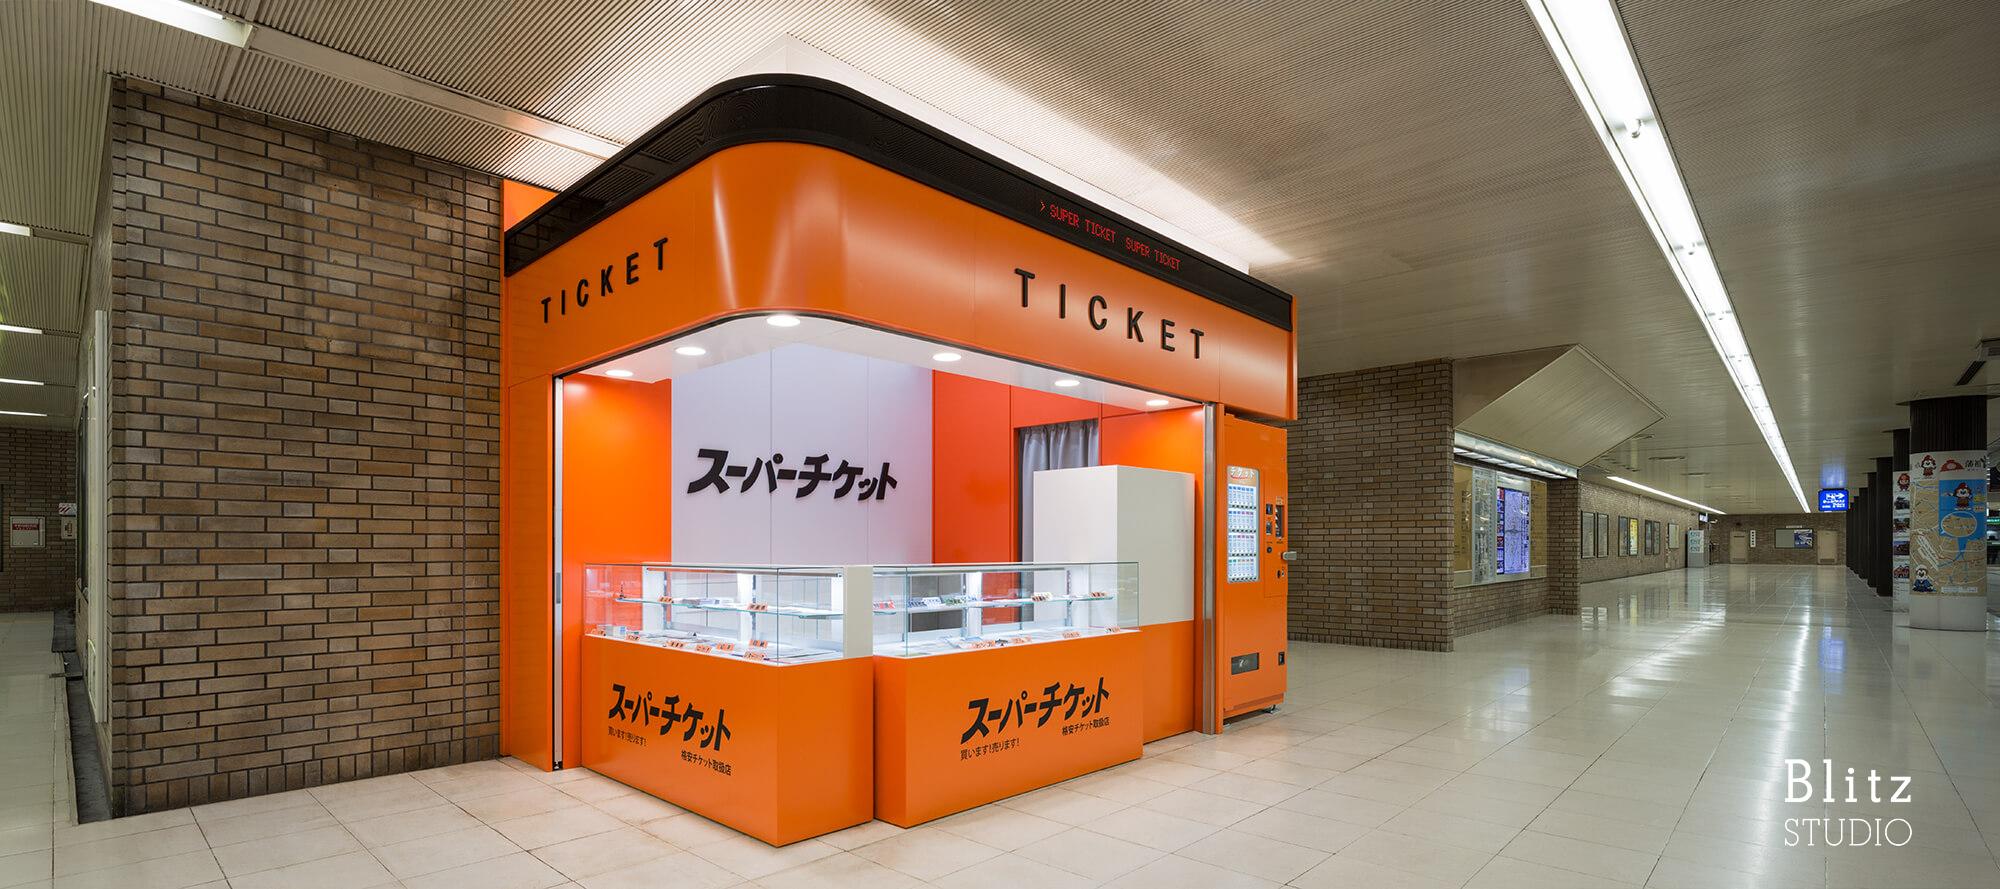 『スーパーチケット 地下鉄博多口店』-福岡県福岡市-建築写真・竣工写真・インテリア写真2